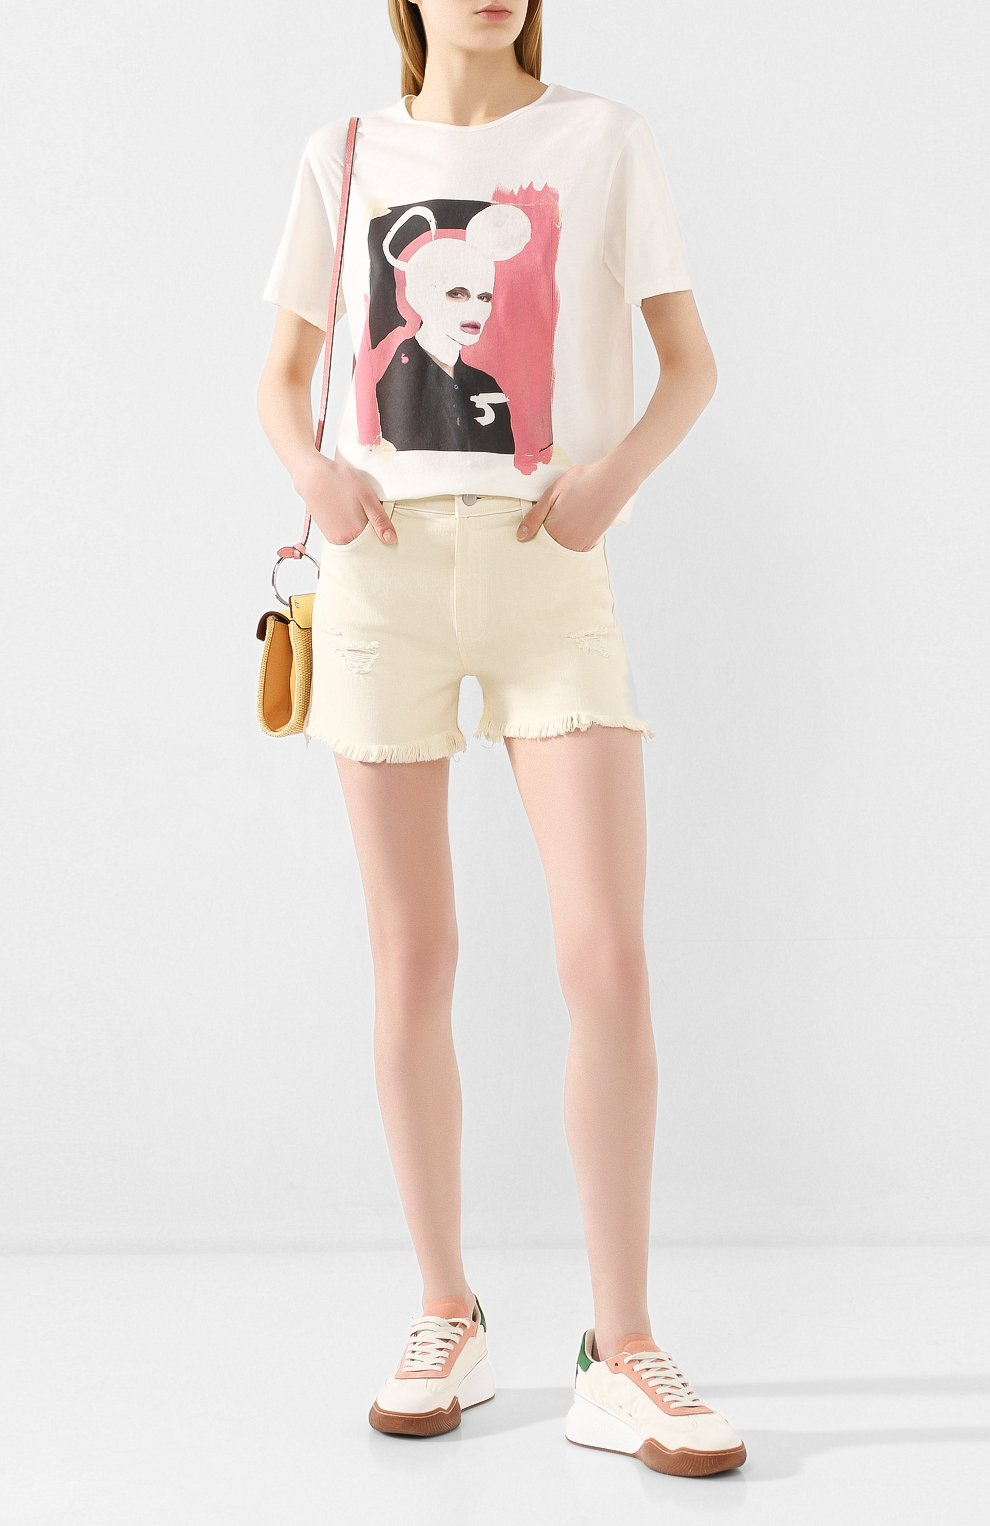 Женские джинсовые шорты J BRAND бежевого цвета, арт. JB002787 | Фото 2 (Женское Кросс-КТ: Шорты-одежда; Кросс-КТ: Деним; Длина Ж (юбки, платья, шорты): Мини; Материал внешний: Хлопок; Стили: Кэжуэл)